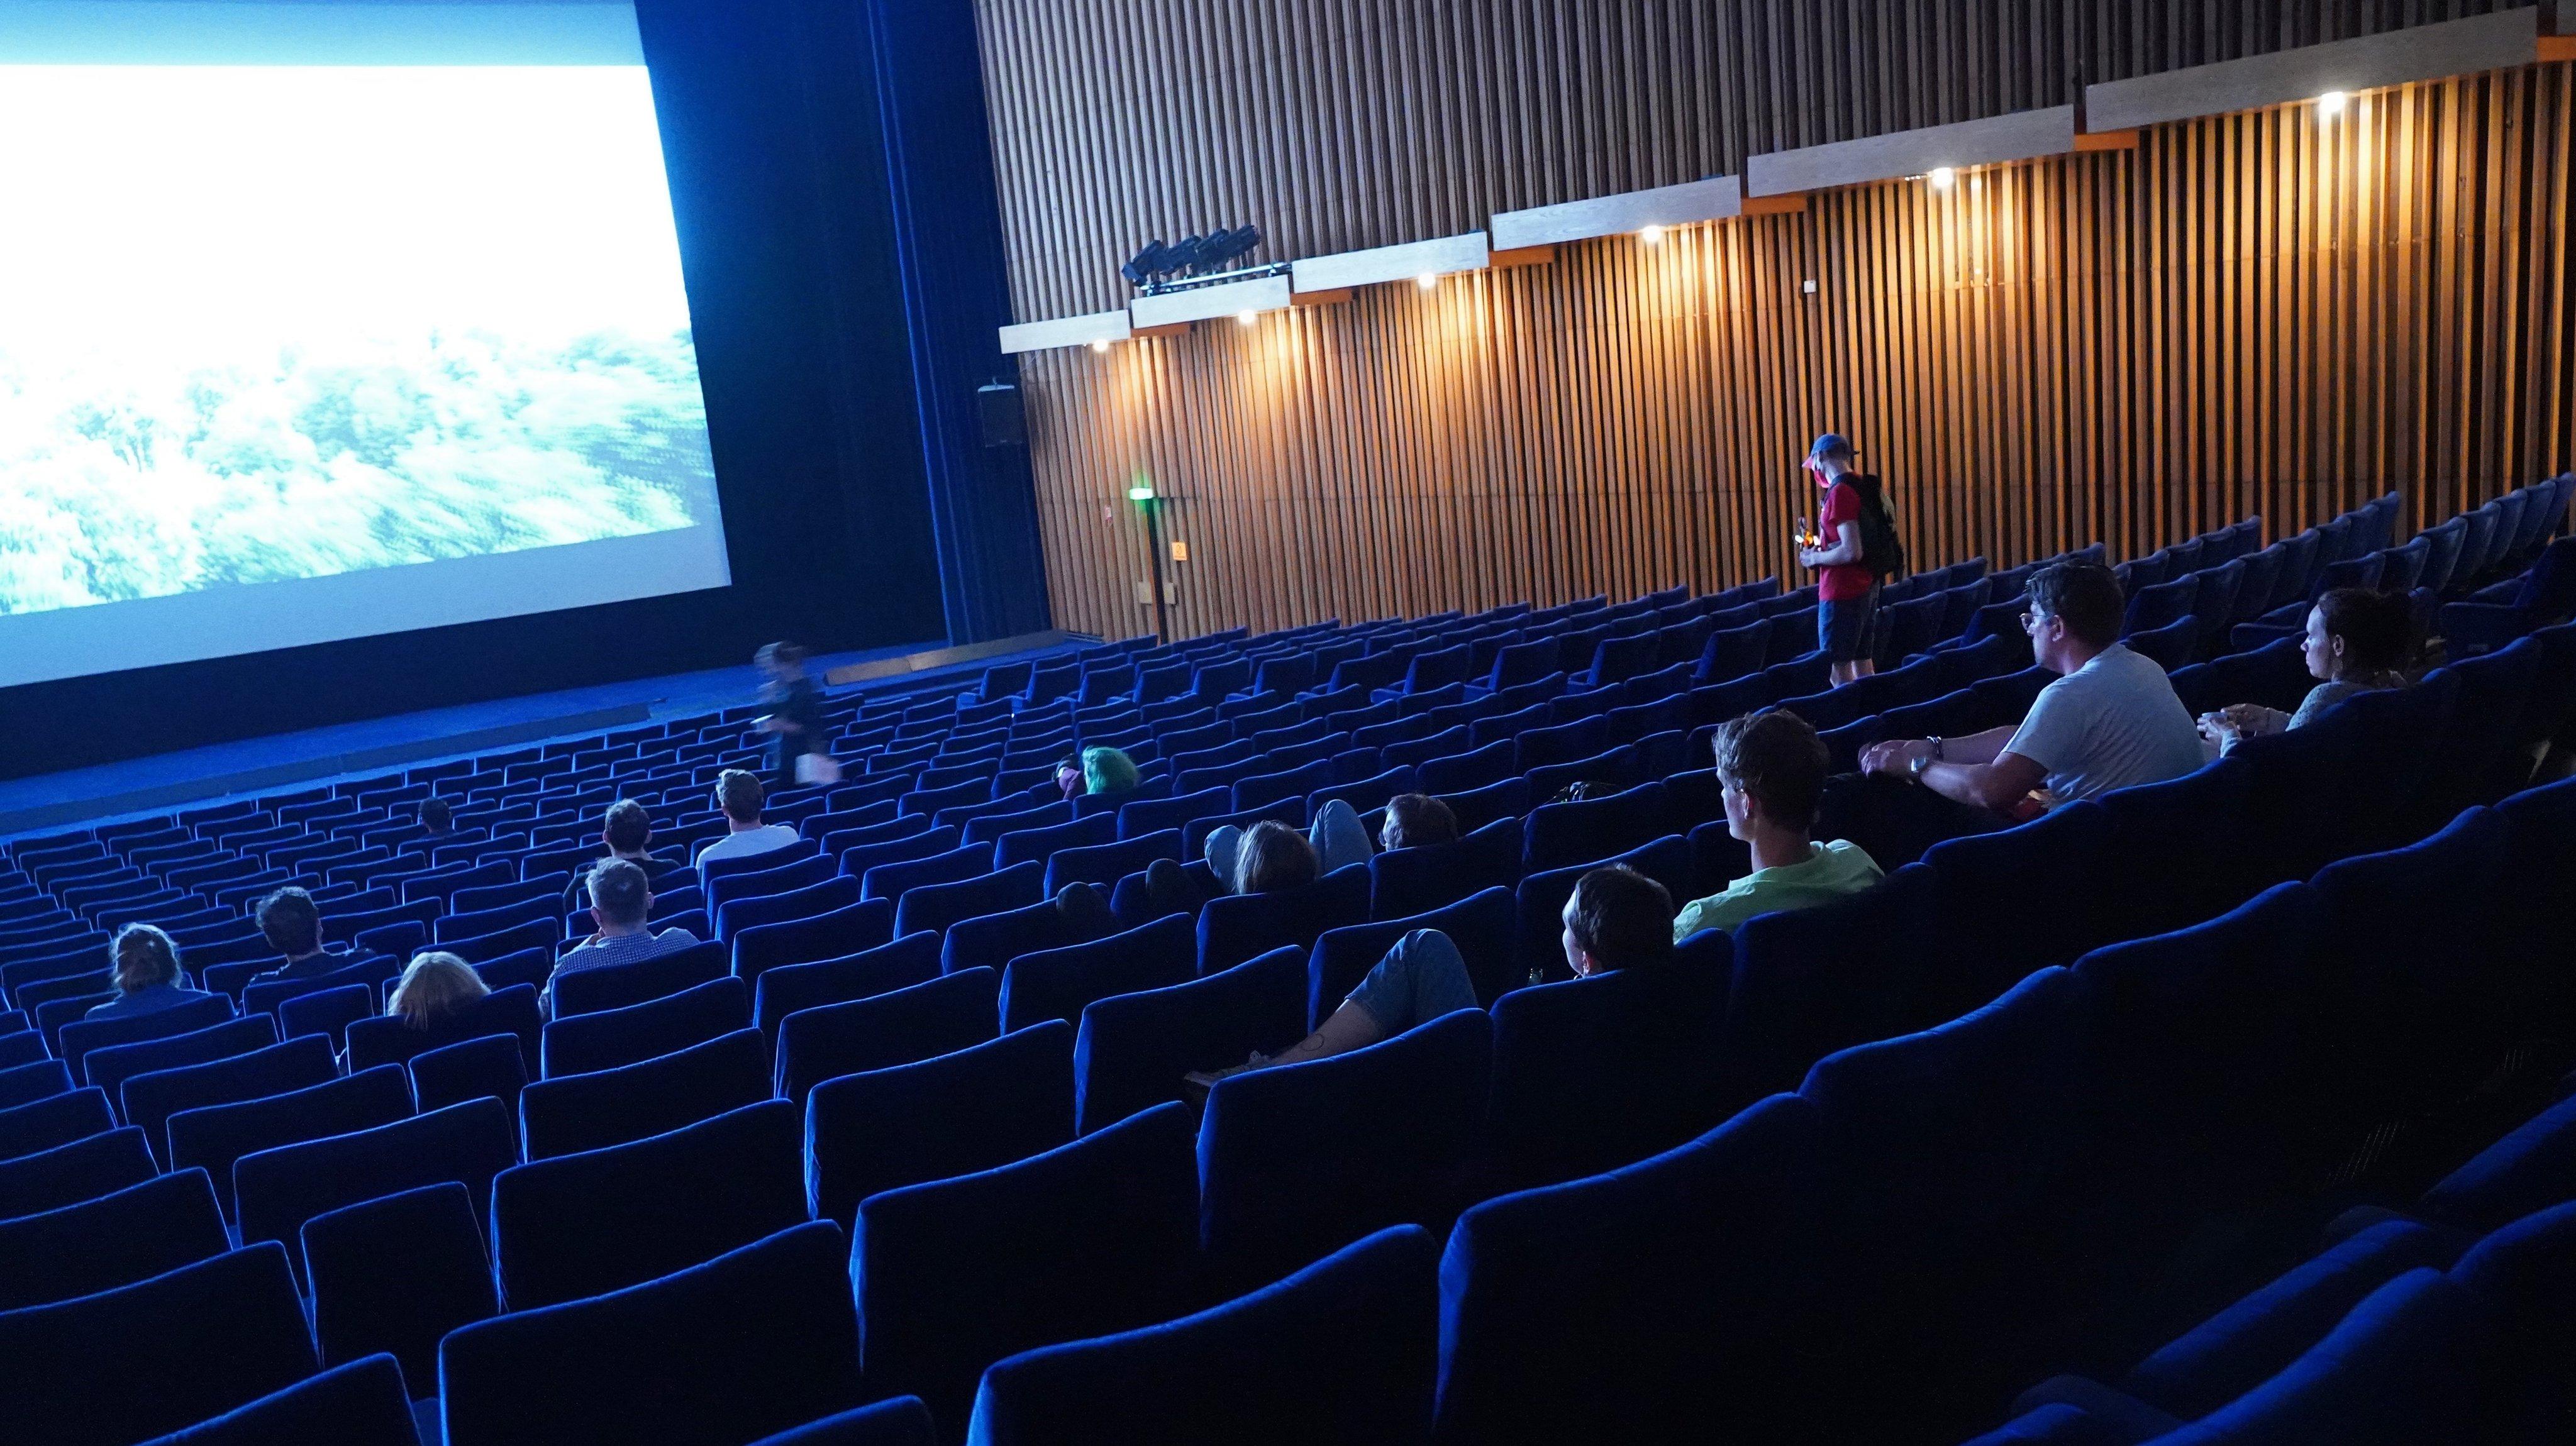 Berlin Movie Theaters Reopen During Coronavirus Pandemic